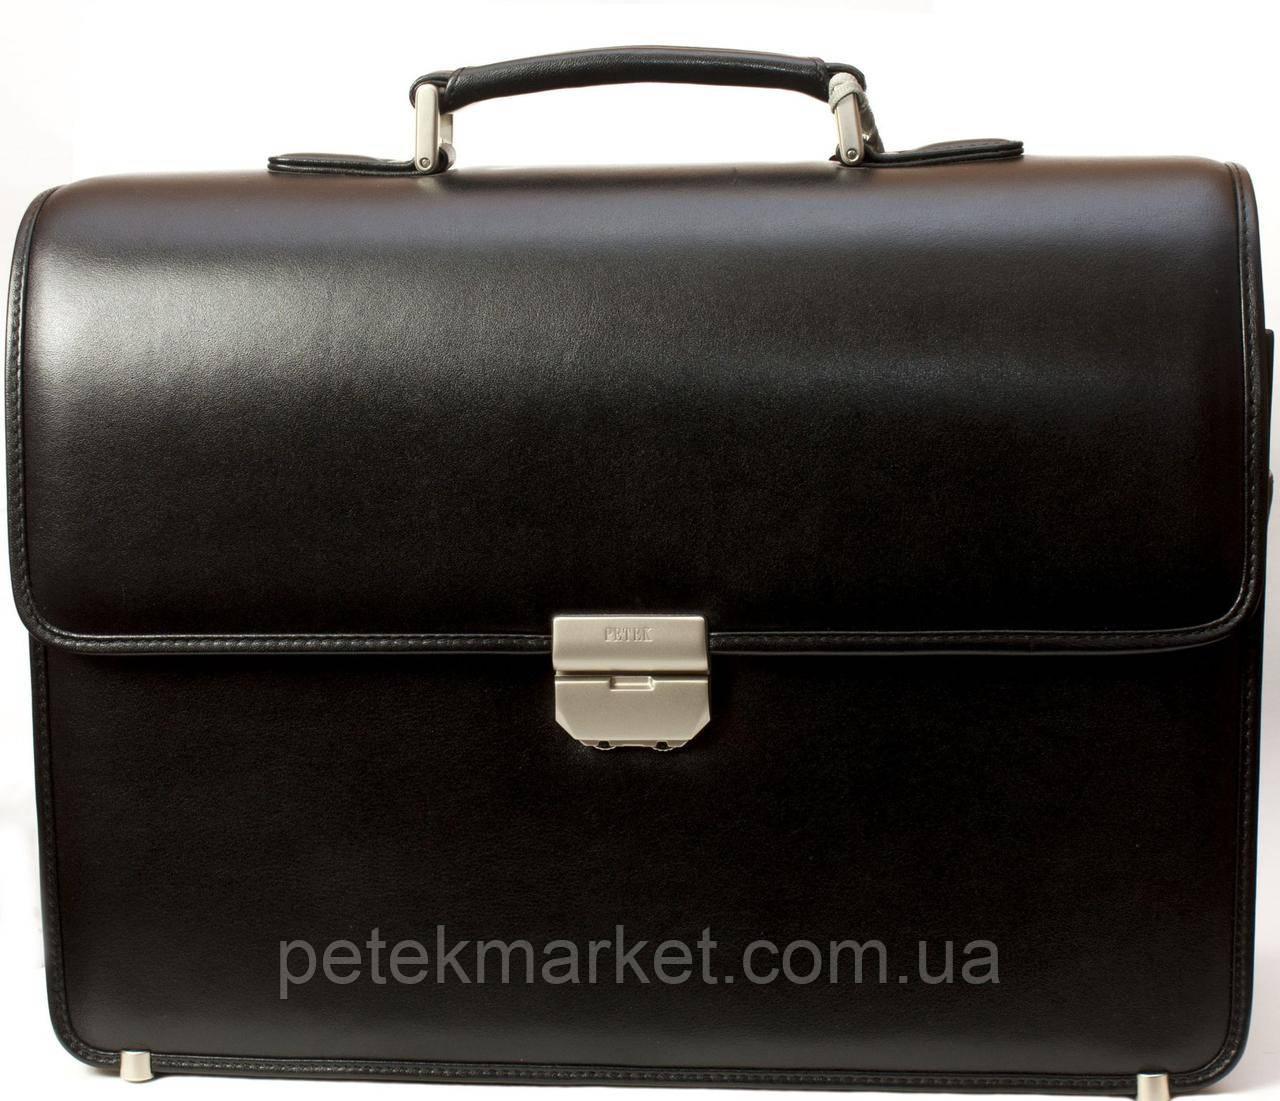 Портфель деловой PETEK 841-000-01 Черный (841-000-01)